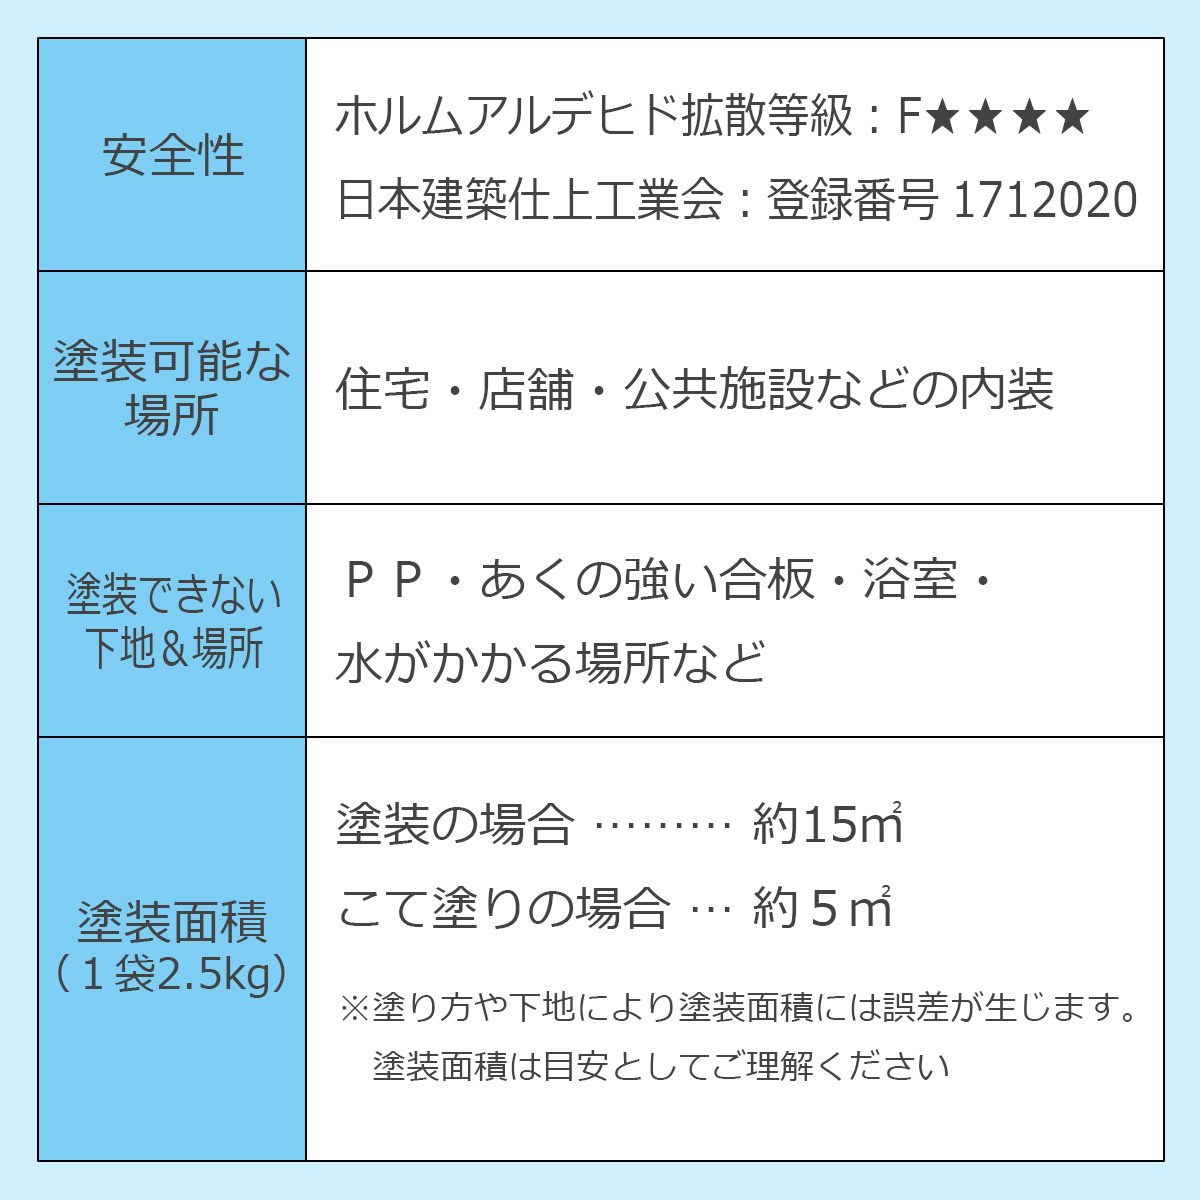 安全性…ホルムアルデヒド拡散等級:Fフォースター 日本建築仕上工業会:登録番号1712020 塗装可能な場所…住宅・店舗・公共施設などの内装 塗装できない下地&場所…PP・あくの強い合板・浴室・水がかかる場所など 塗装面積(1袋2.5kg)…塗装の場合約15平方メートル こて塗りの場合約5平方メートル